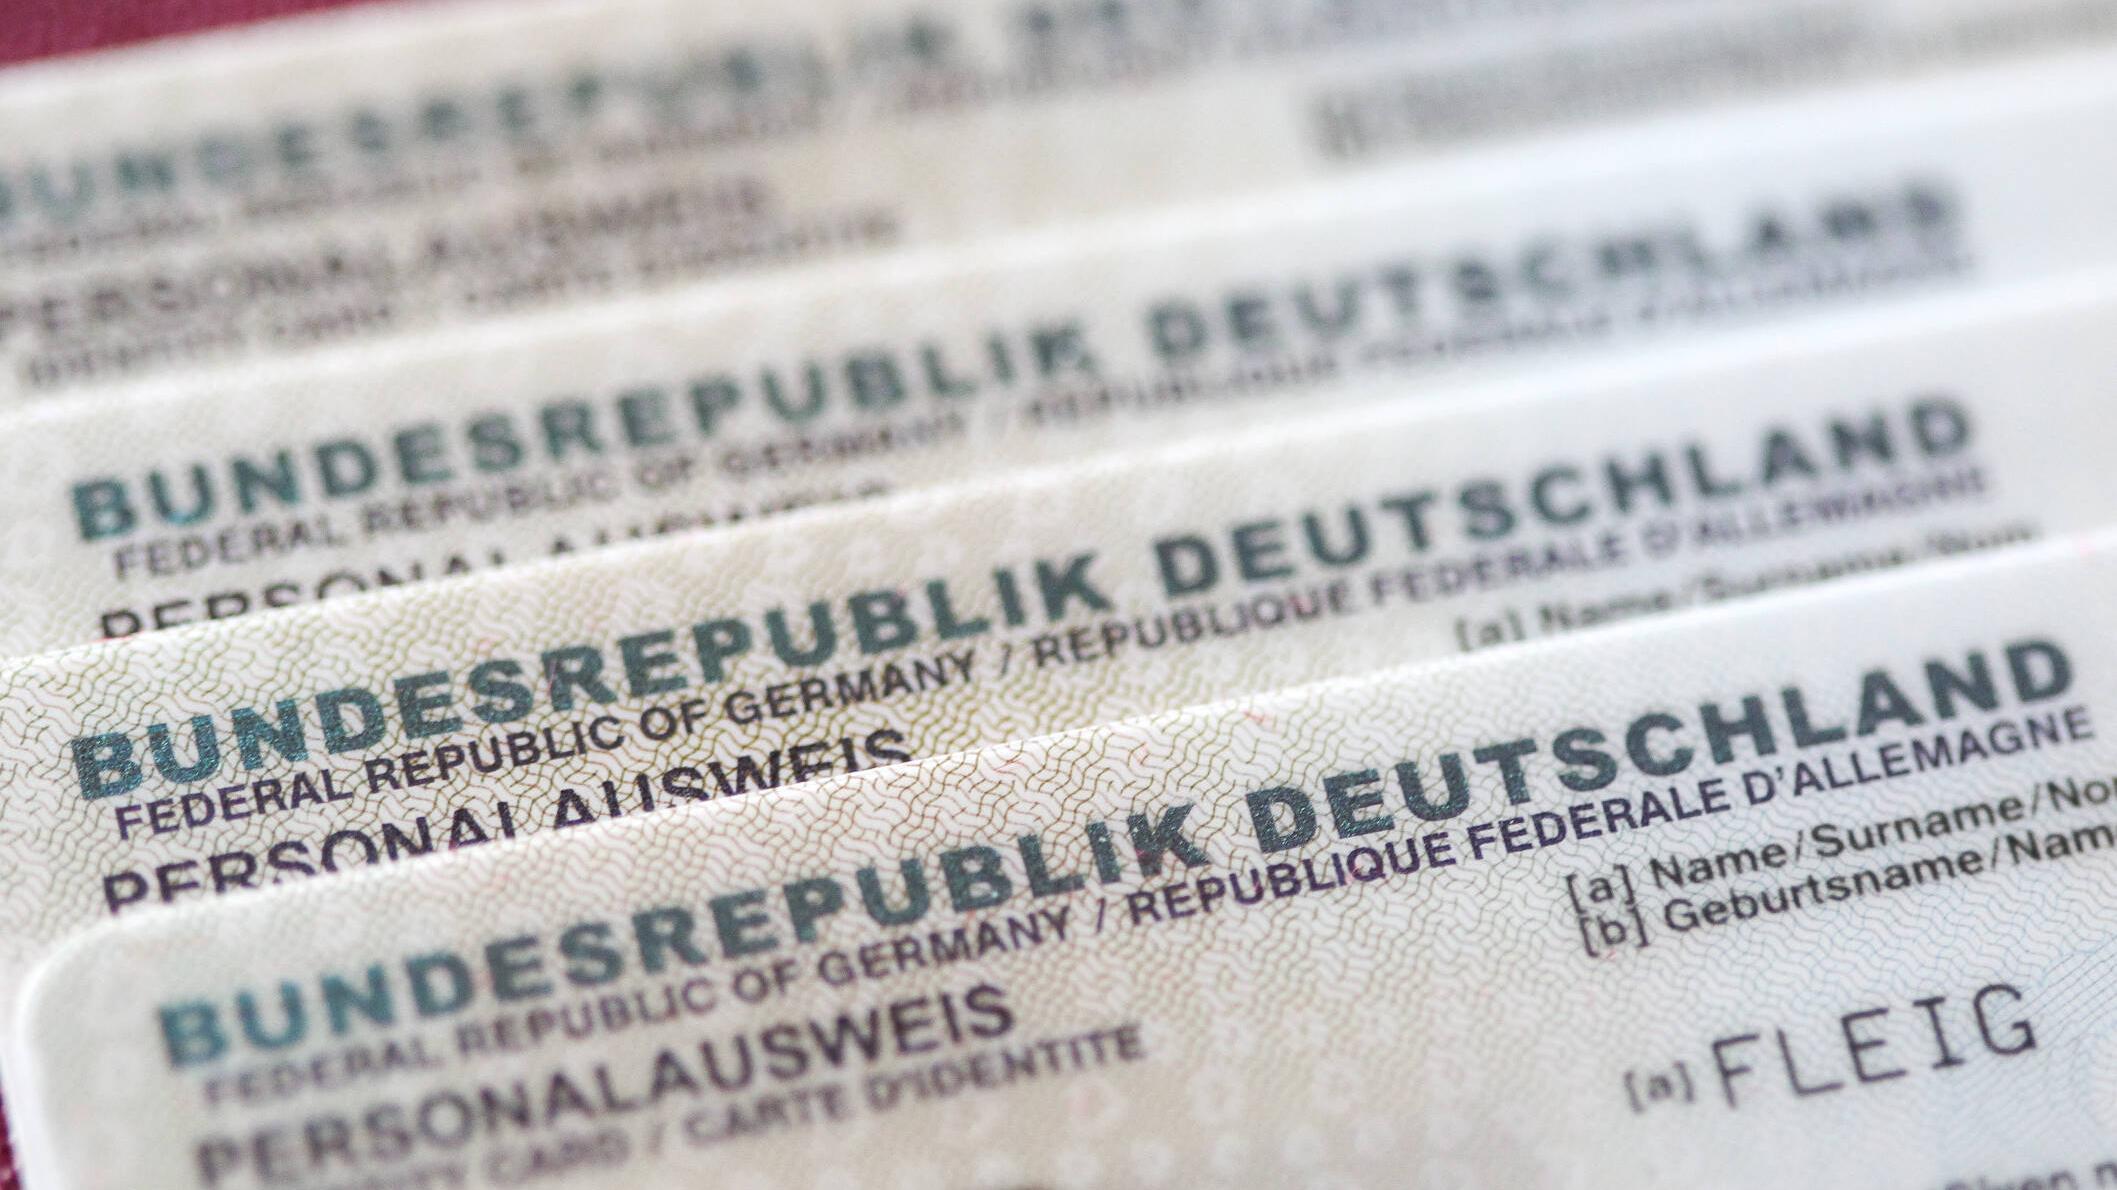 Personalausweis kopieren: Das sind die gesetzlichen Vorschriften